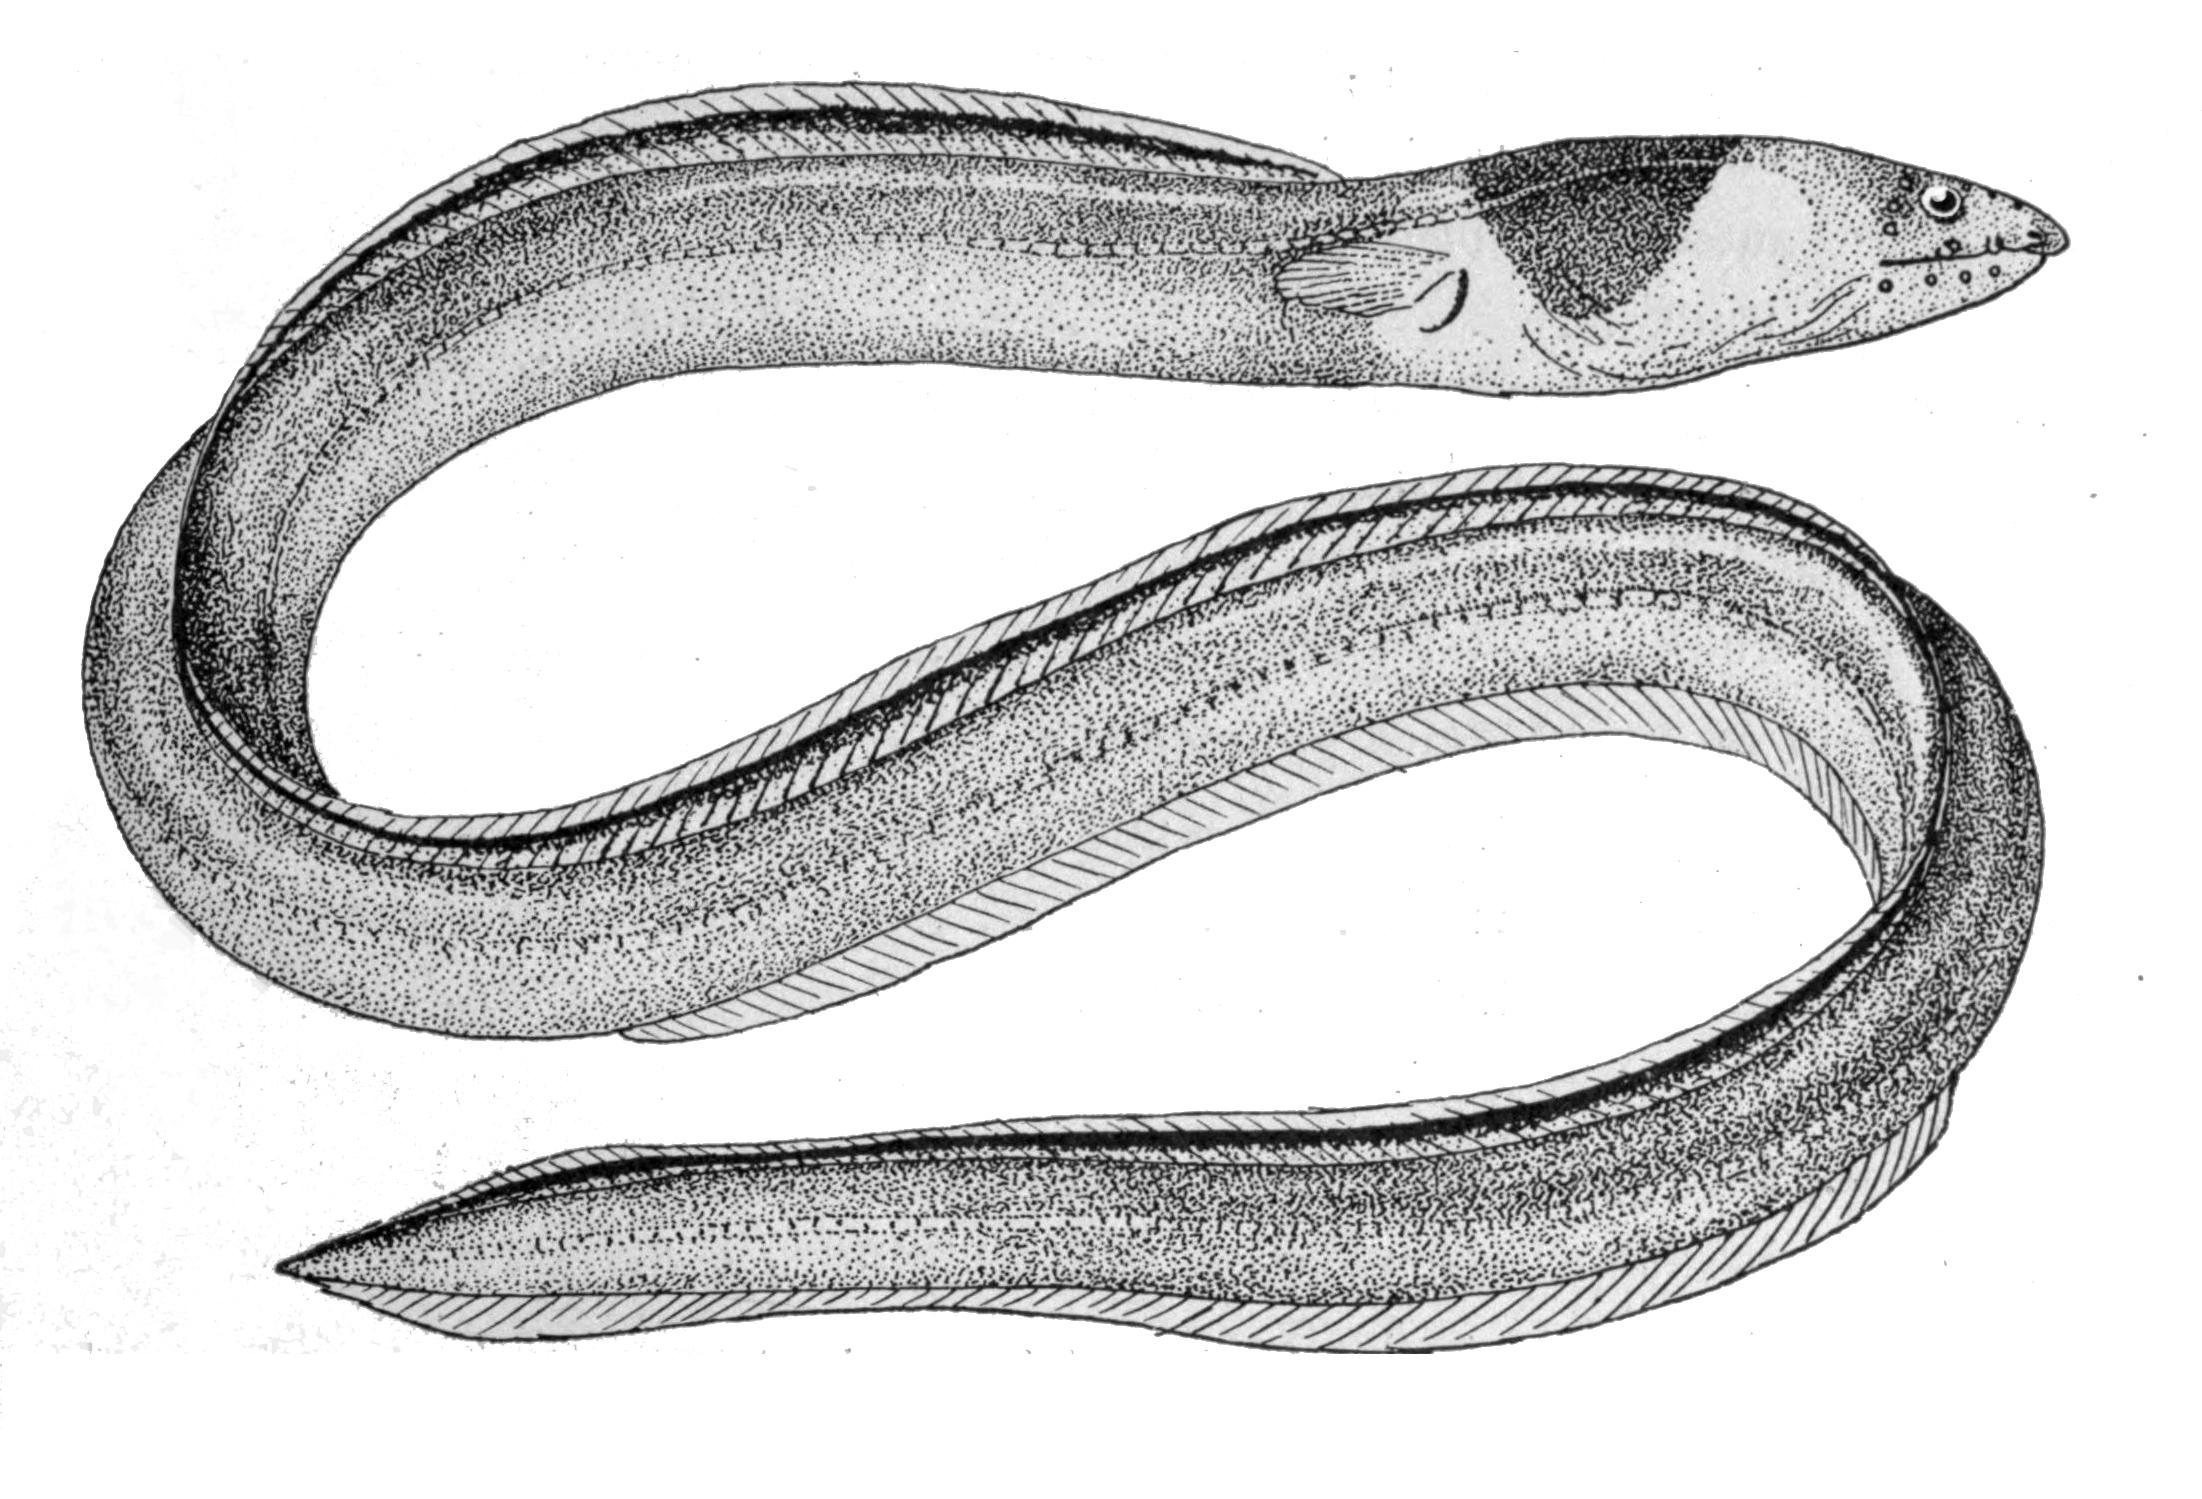 Image of Black-neck snake eel